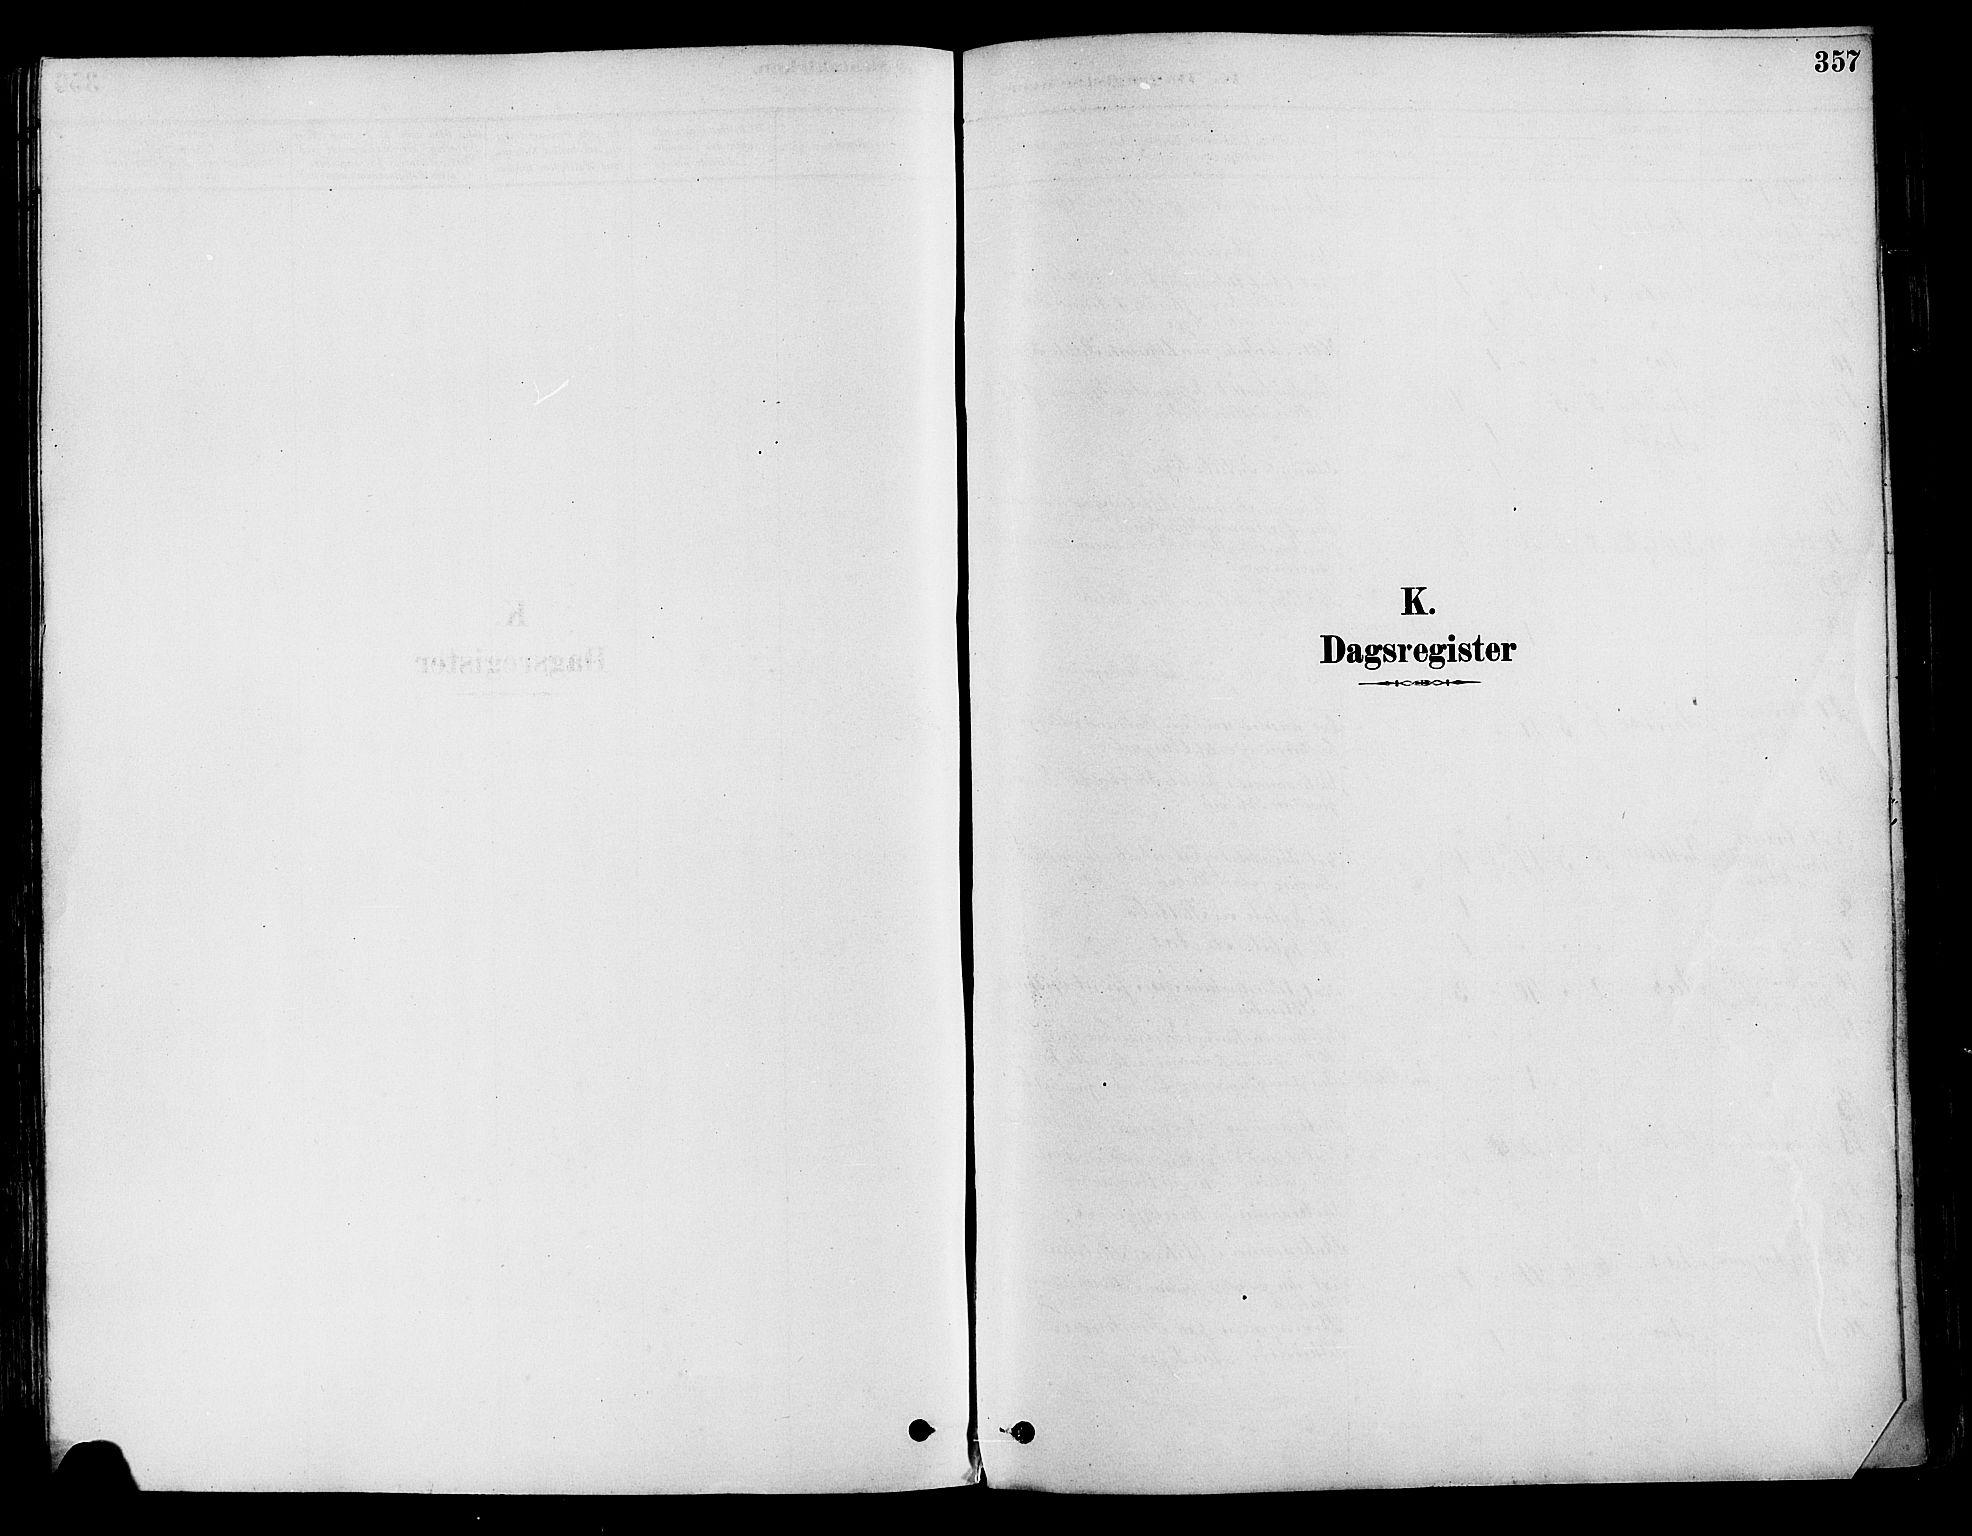 SAH, Vestre Toten prestekontor, Ministerialbok nr. 9, 1878-1894, s. 357